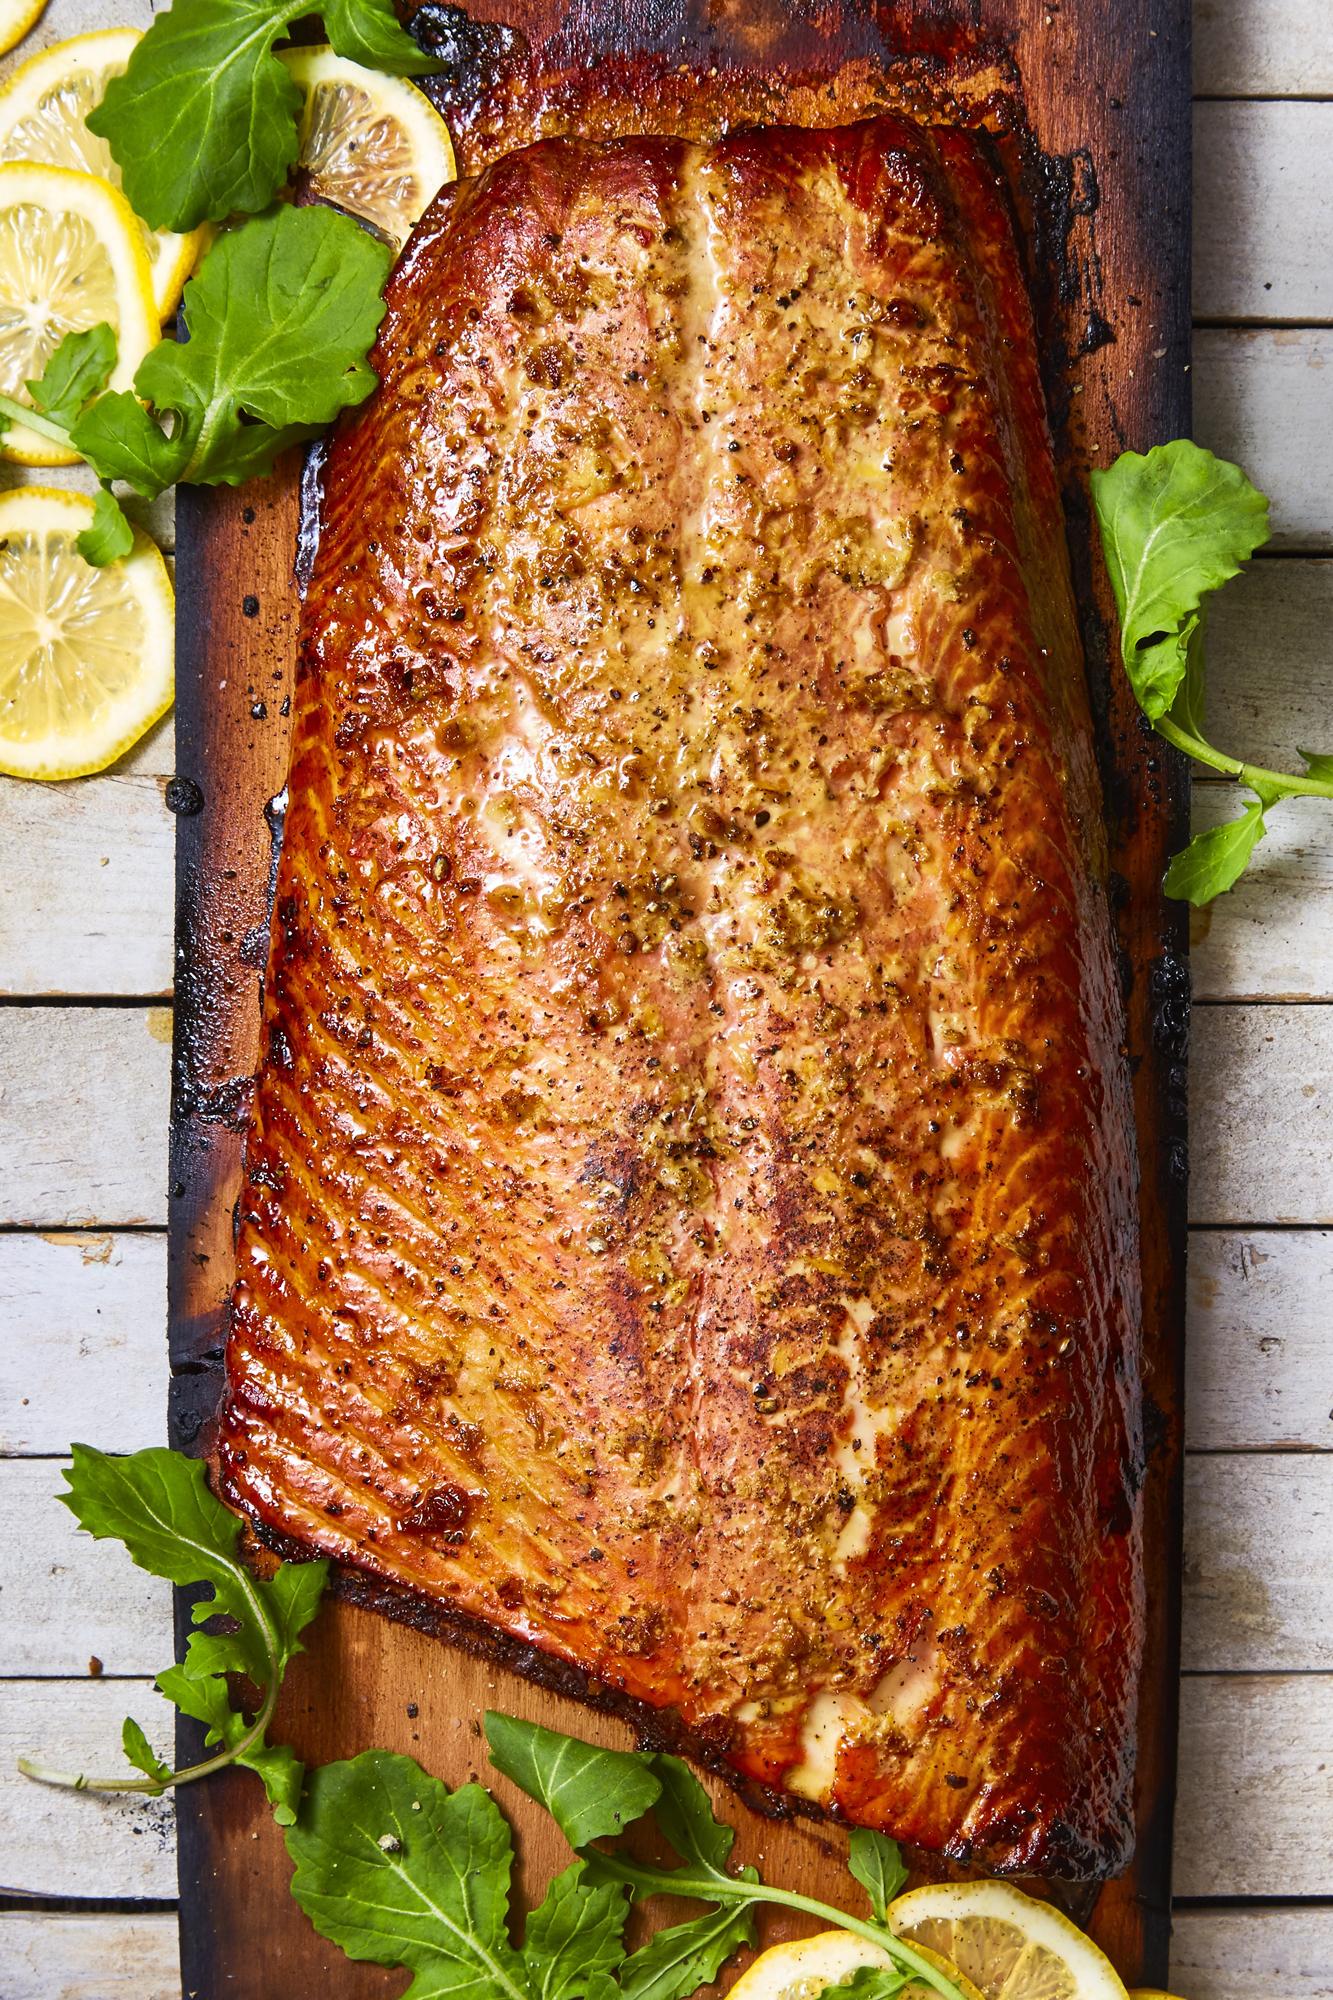 ideas de cenas ligeras y sanas para toda la familia, salmón cocido en el horno con especias, cenas con pescado ricas